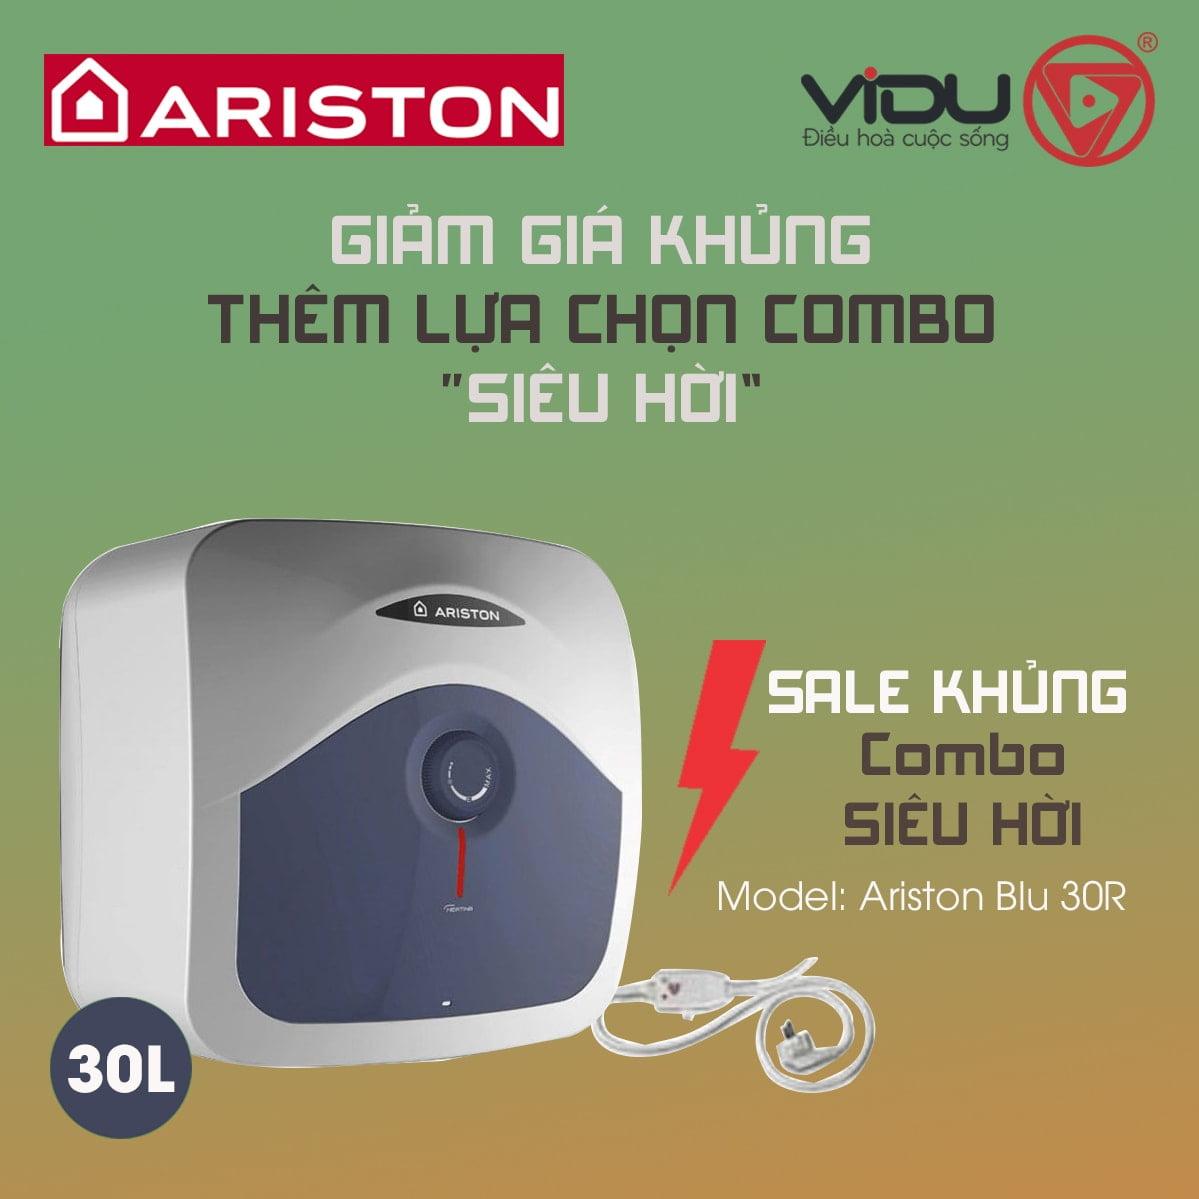 Bình nóng lạnh Ariston BLU 30R 2.5 FE – 30 lít